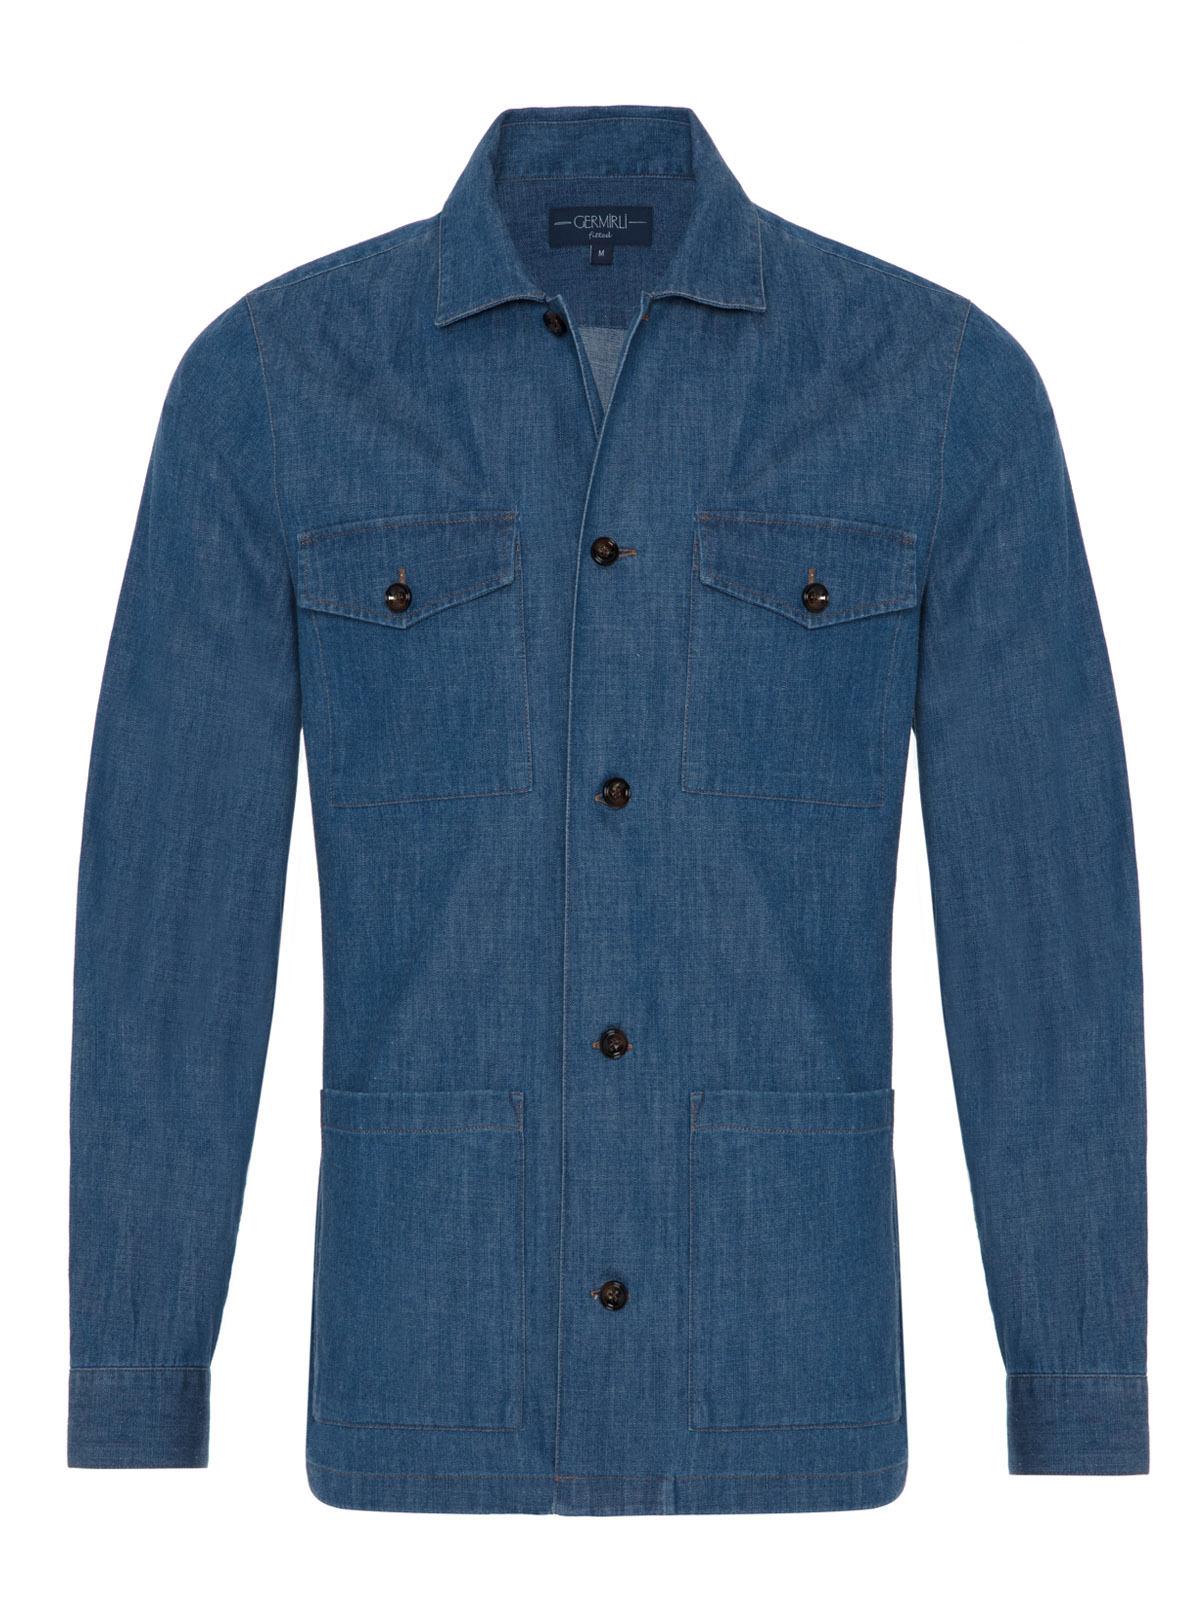 Germirli İndigo Mavi Denim Tailor Fit Ceket Gömlek